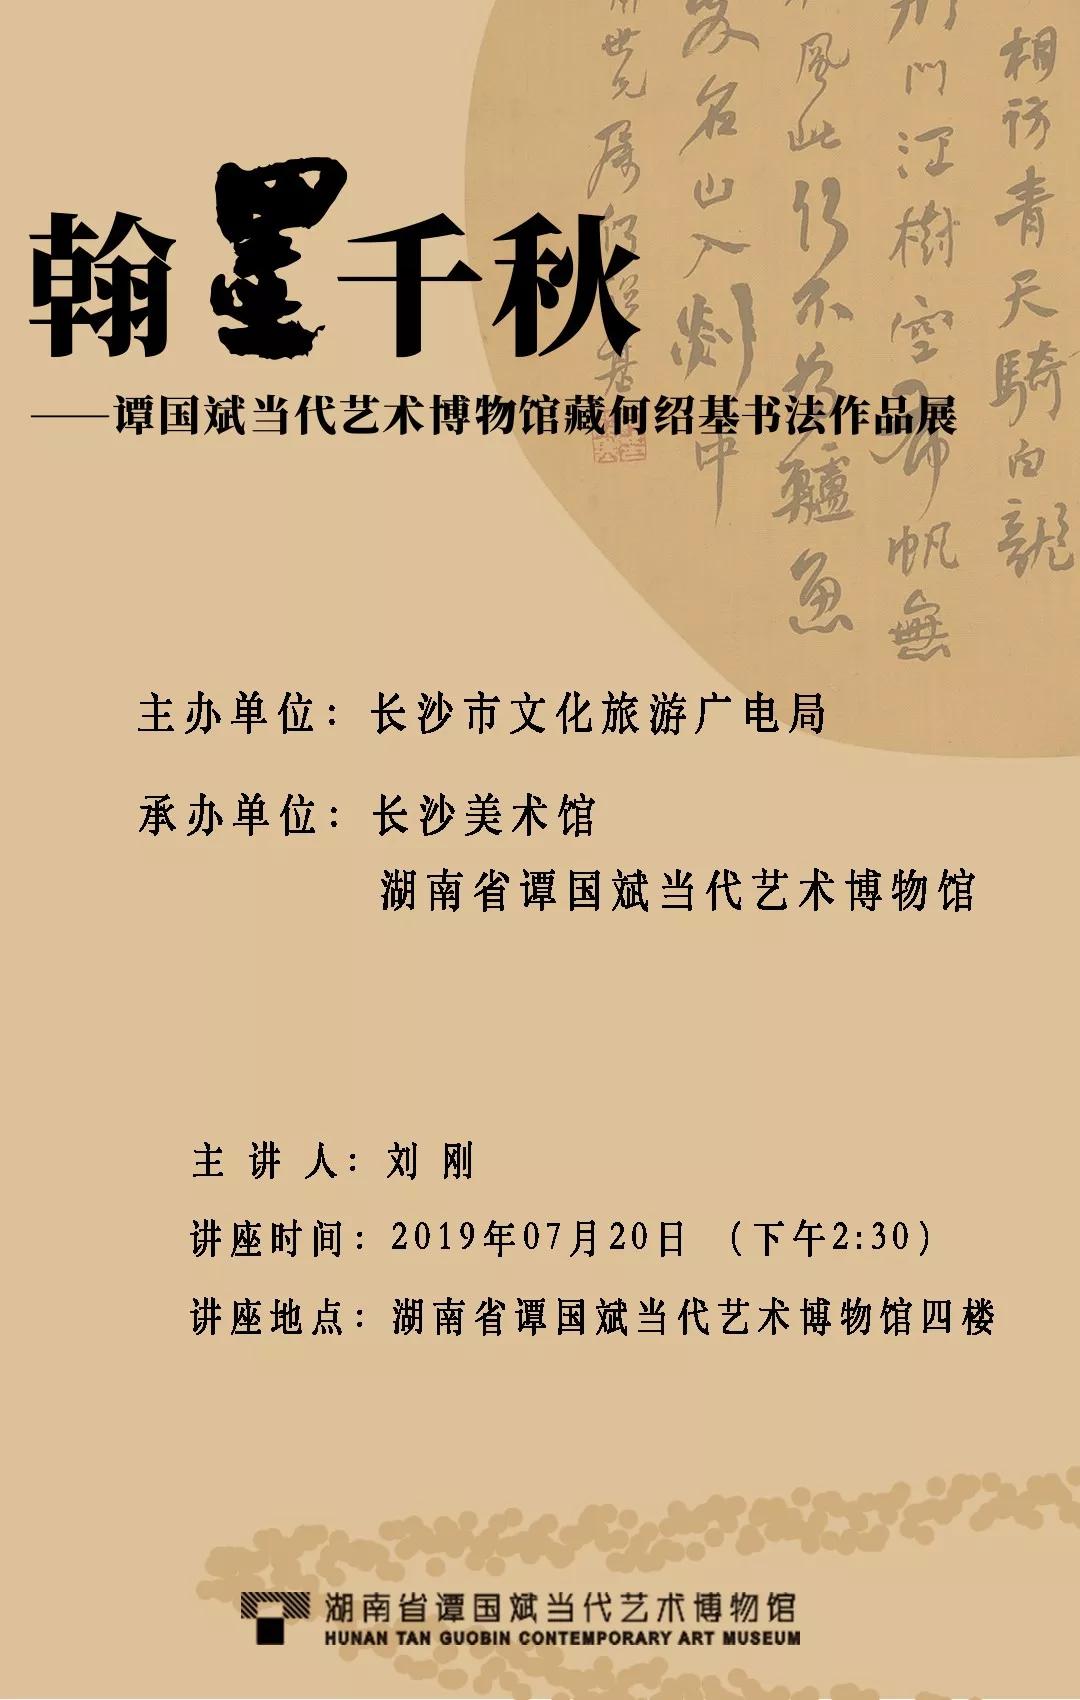 谭国斌当代艺术博物馆藏何绍基精选作品赏析将于7月20日开讲